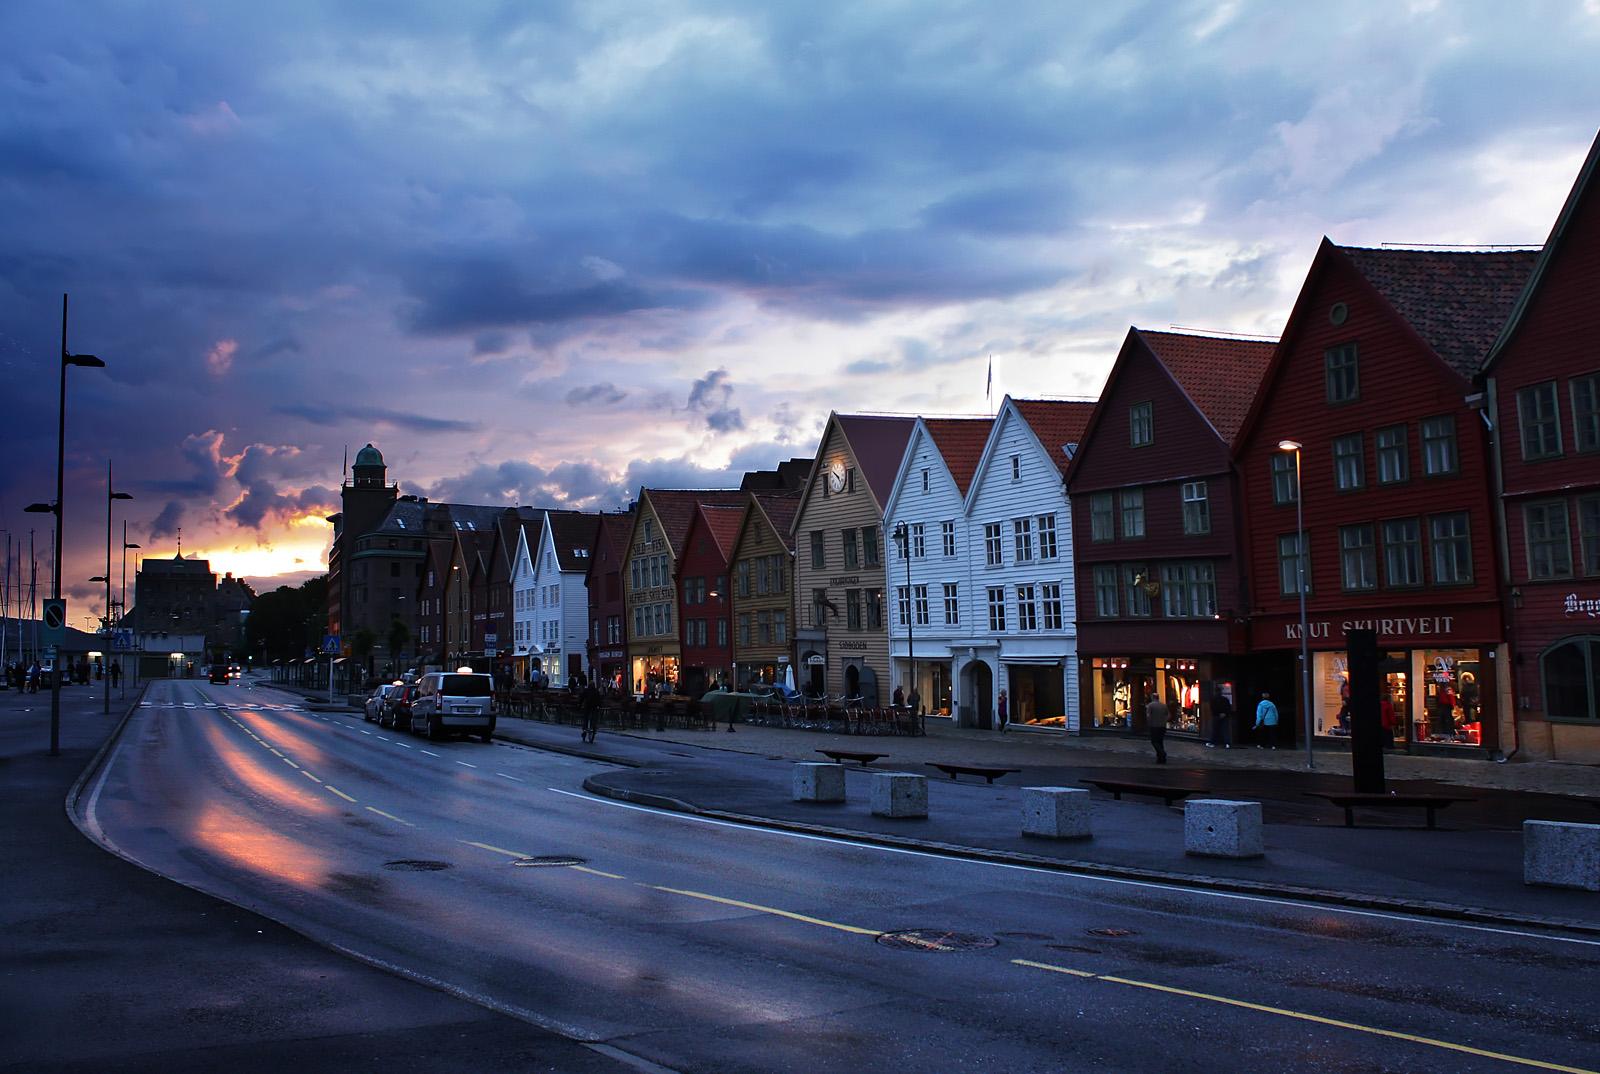 Bryggen_Sunset_full_res_1600